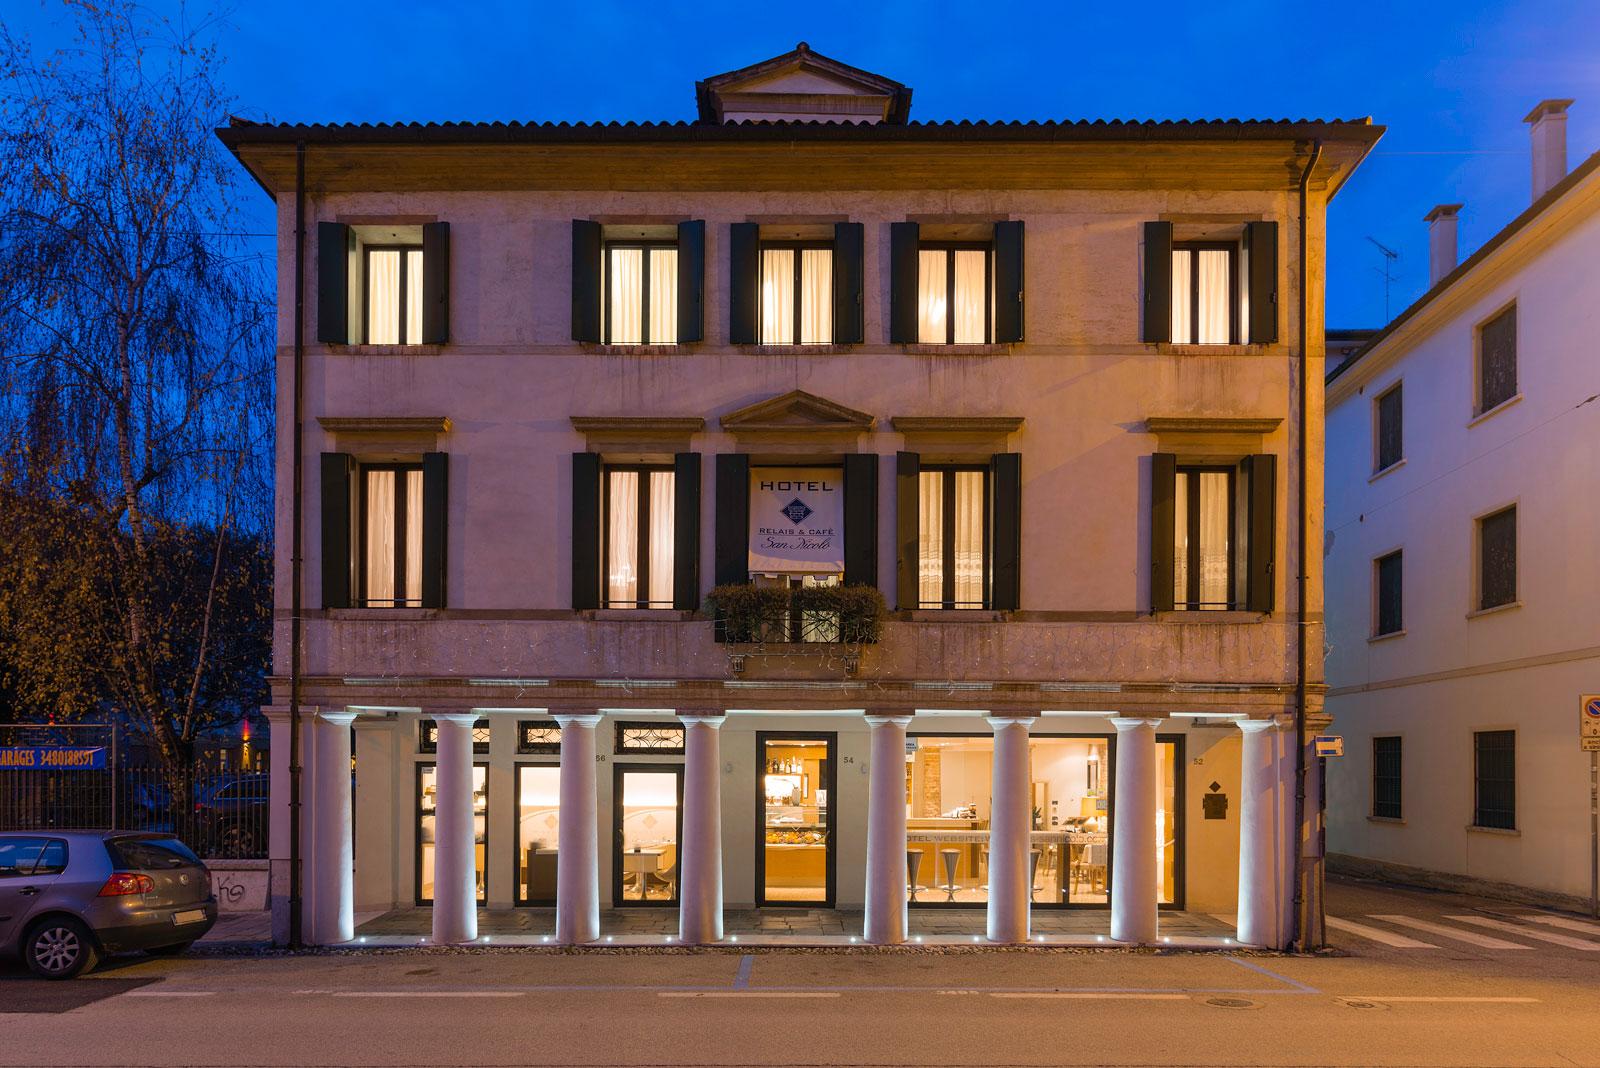 Hotel San Nicol Ef Bf Bd Treviso